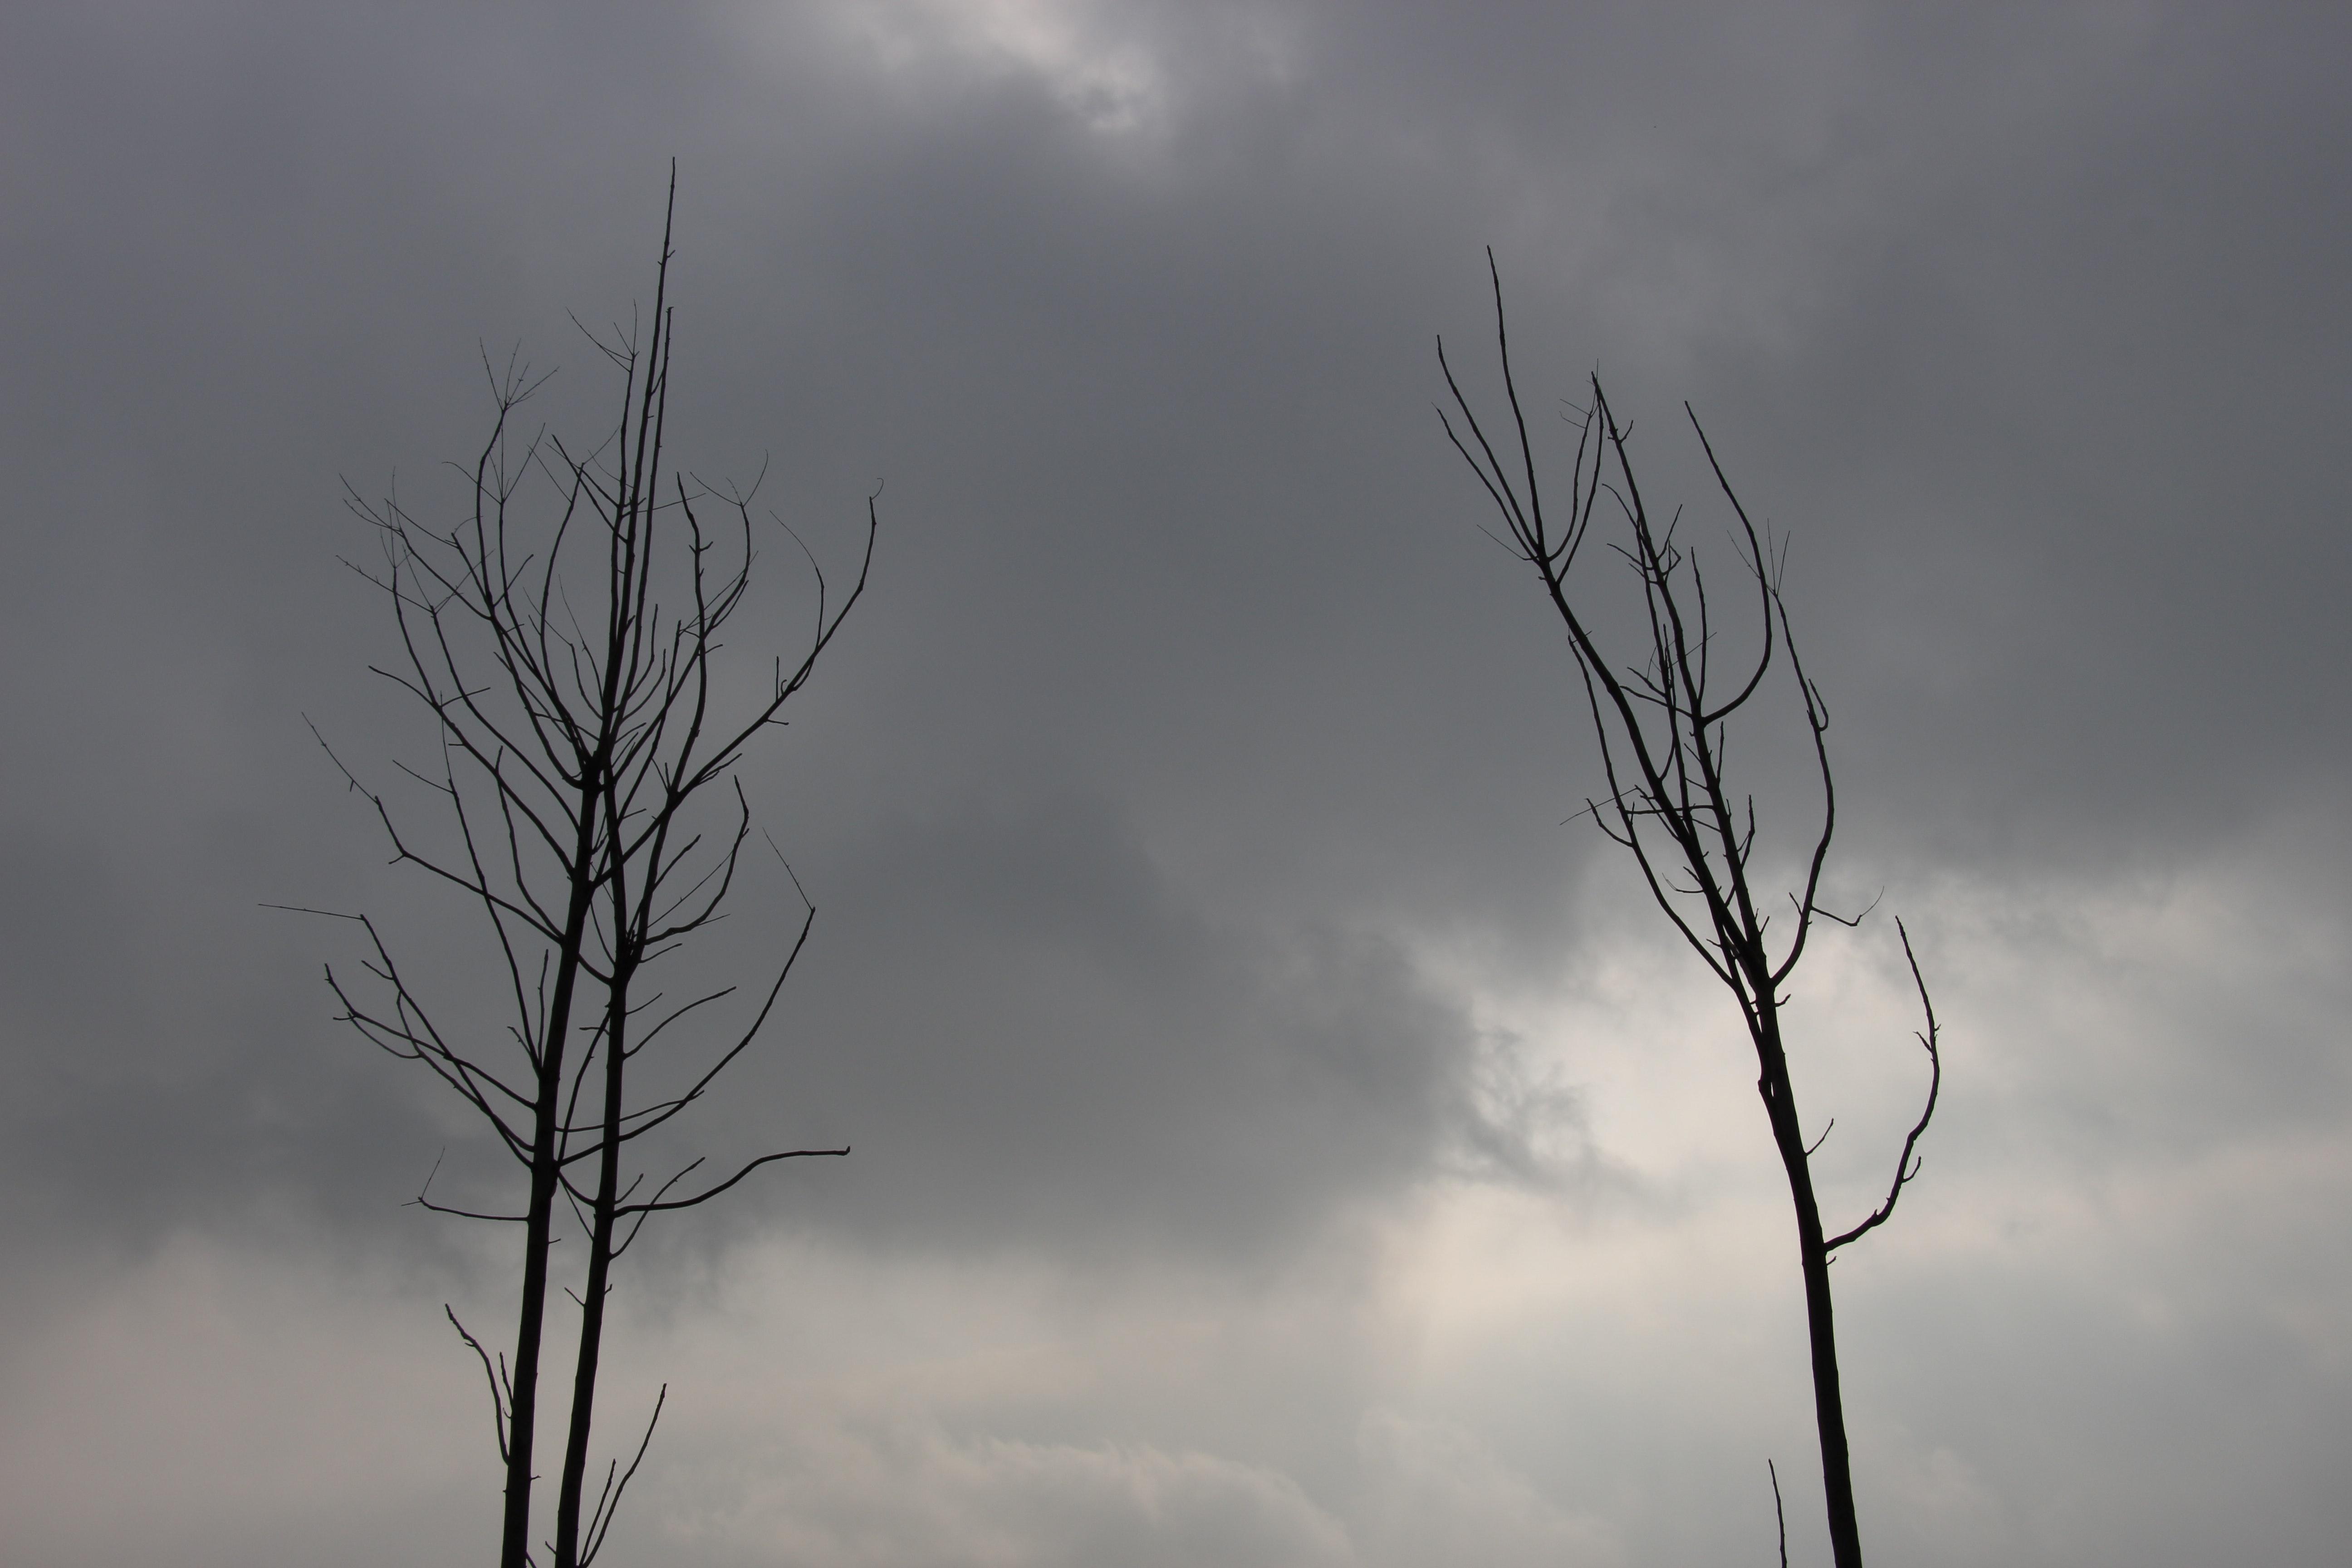 ... bầu trời đen. Nhiếp ảnh gia